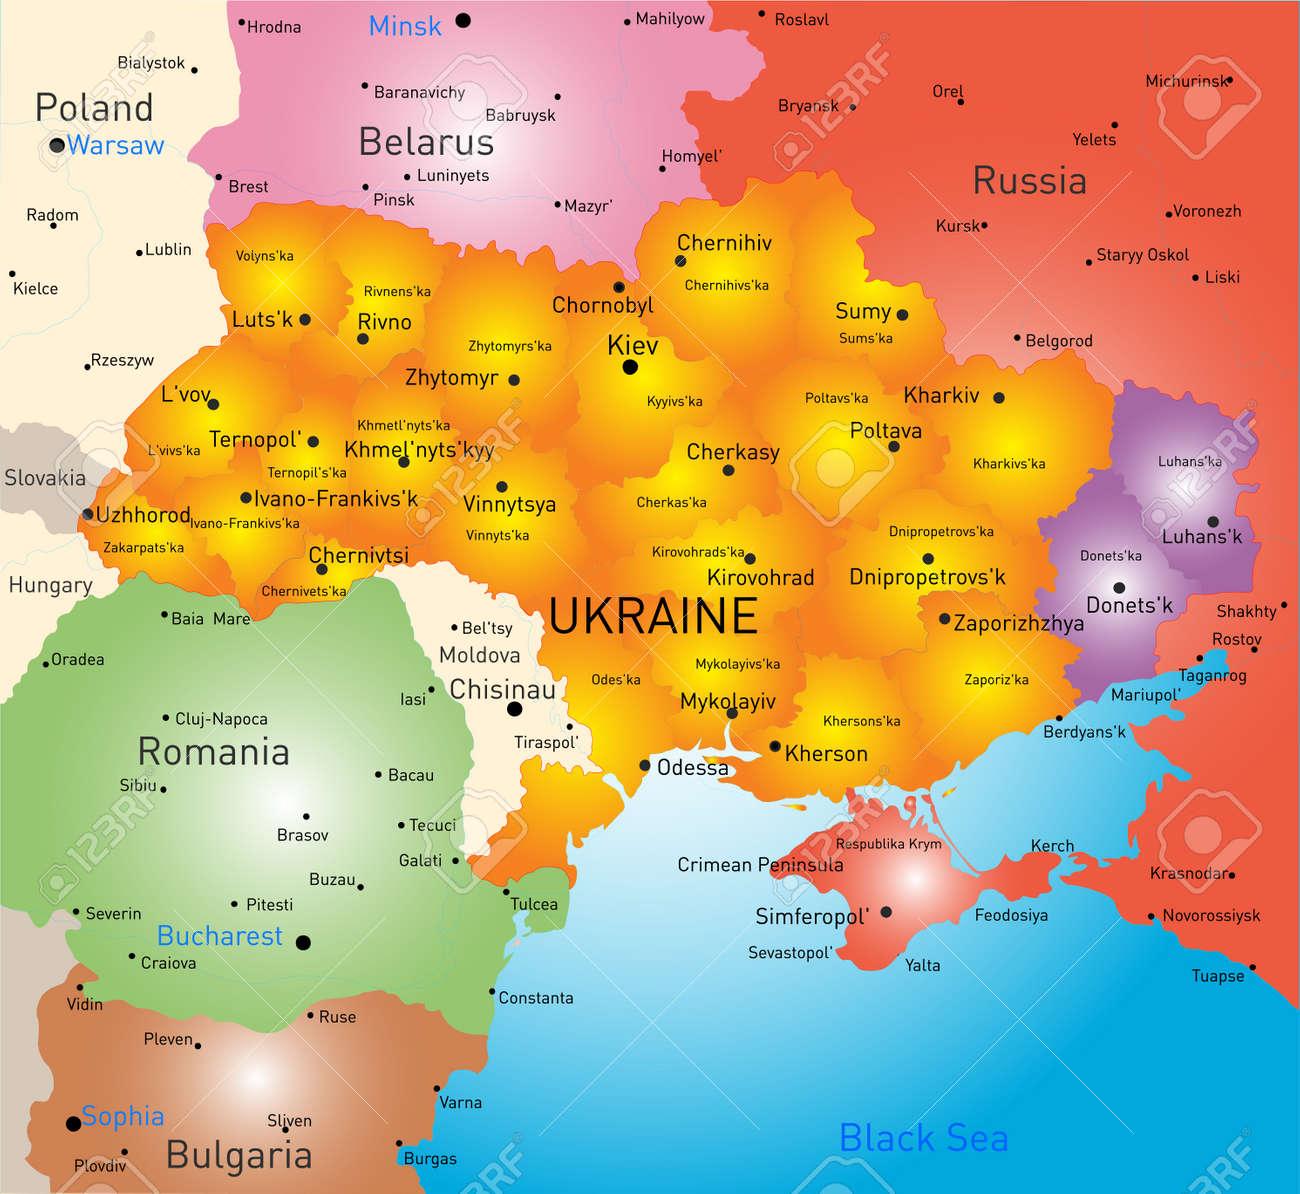 New Vector Farbe Karte Von Ukraine Ohne Krim Und Ausgewahlt Donesk